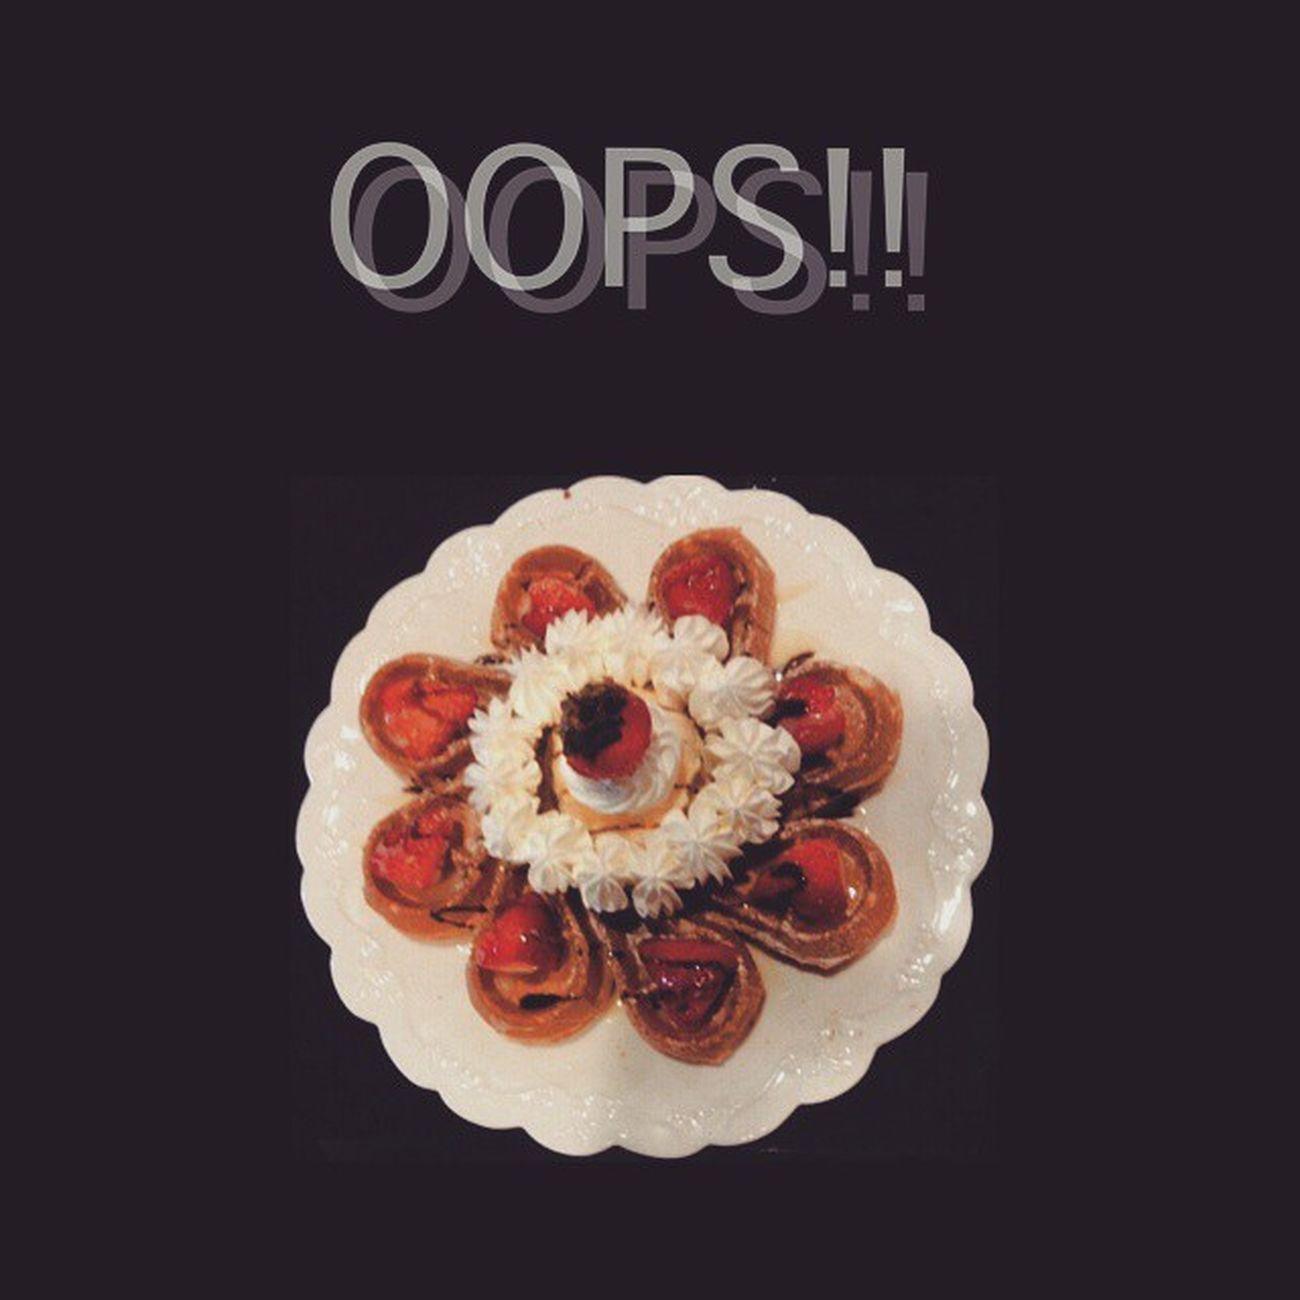 2015年1月29日 草莓爆乳 👄 我家阿寶說很好吃哦這個然後它一上桌阿寶就說好像是這個又好像不是我忘記了...... 有時候我也很無語 覺得我家阿寶很可愛 地點 Oops (花蓮) AQENの分享文